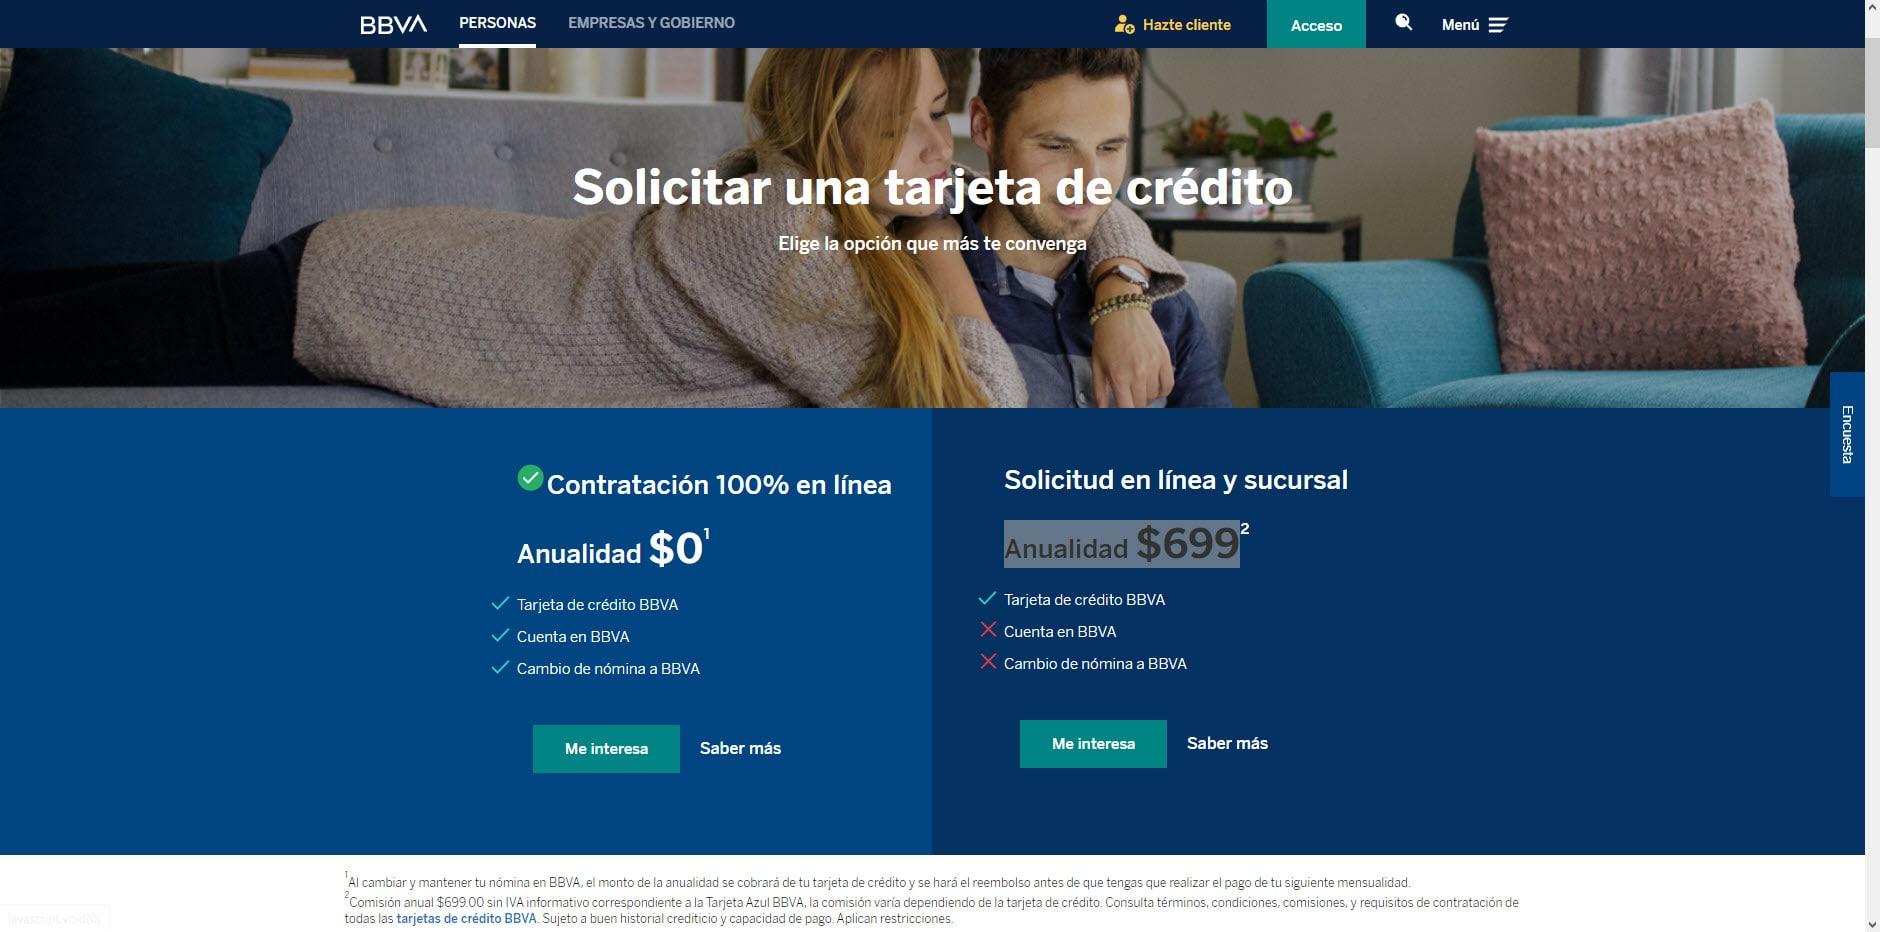 Cómo solicitar tarjeta de crédito Bancomer